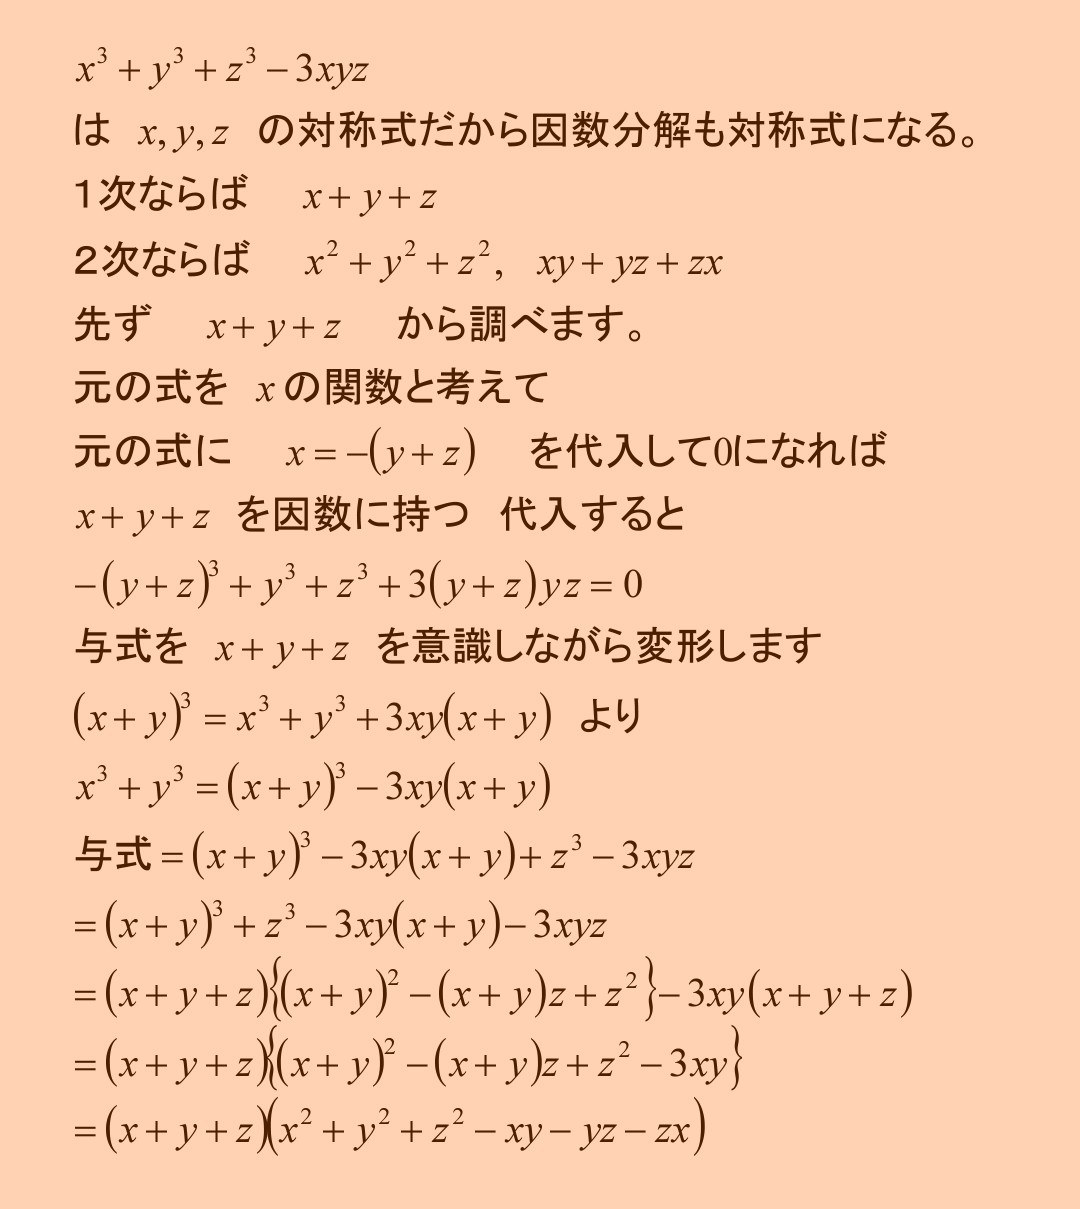 高校数学 <因数分解6> 解答_b0368745_10303667.jpg